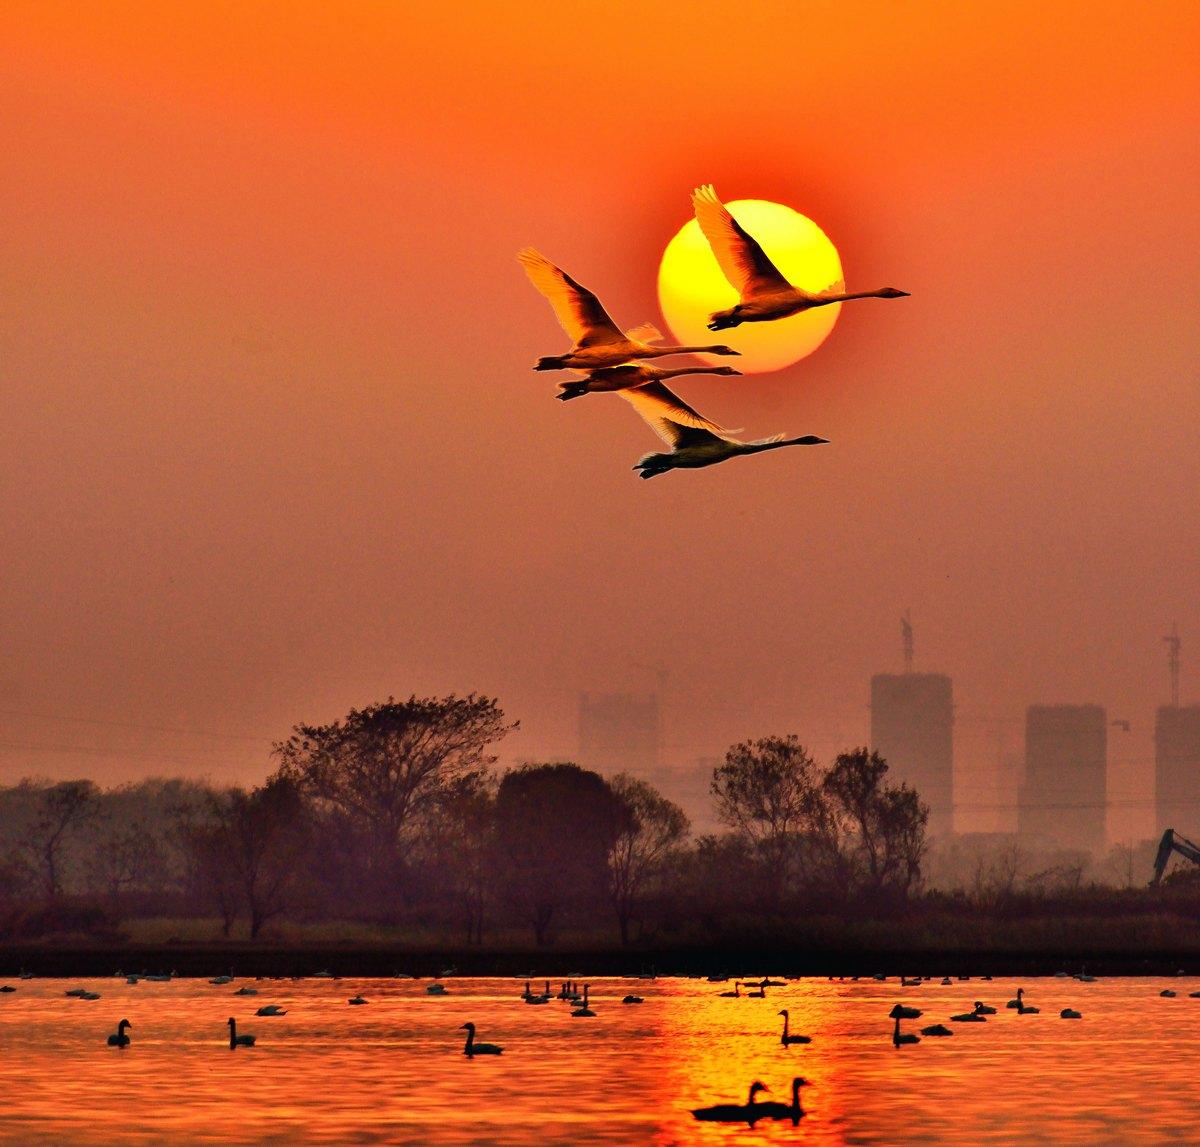 山海原野作品:天鹅与朝阳